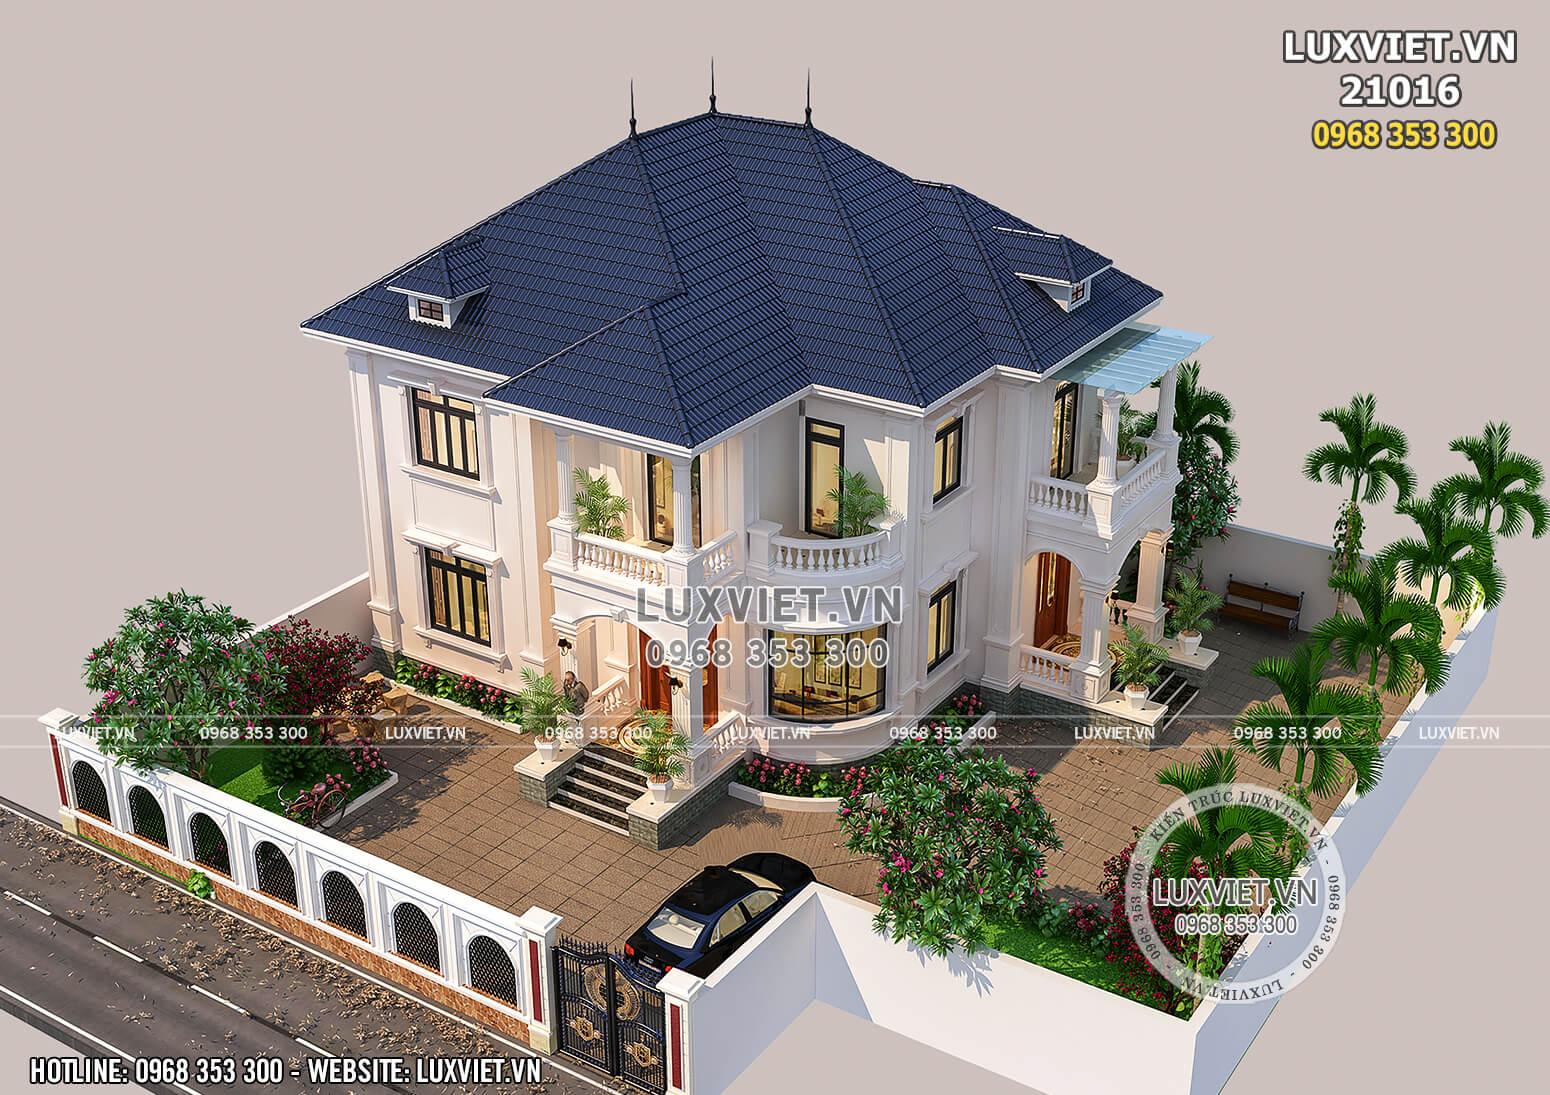 Mẫu thiết kế biệt thự 2 tầng mái Thái tân cổ điển đẹp - LV 21016 khi nhìn từ trên cao xuống